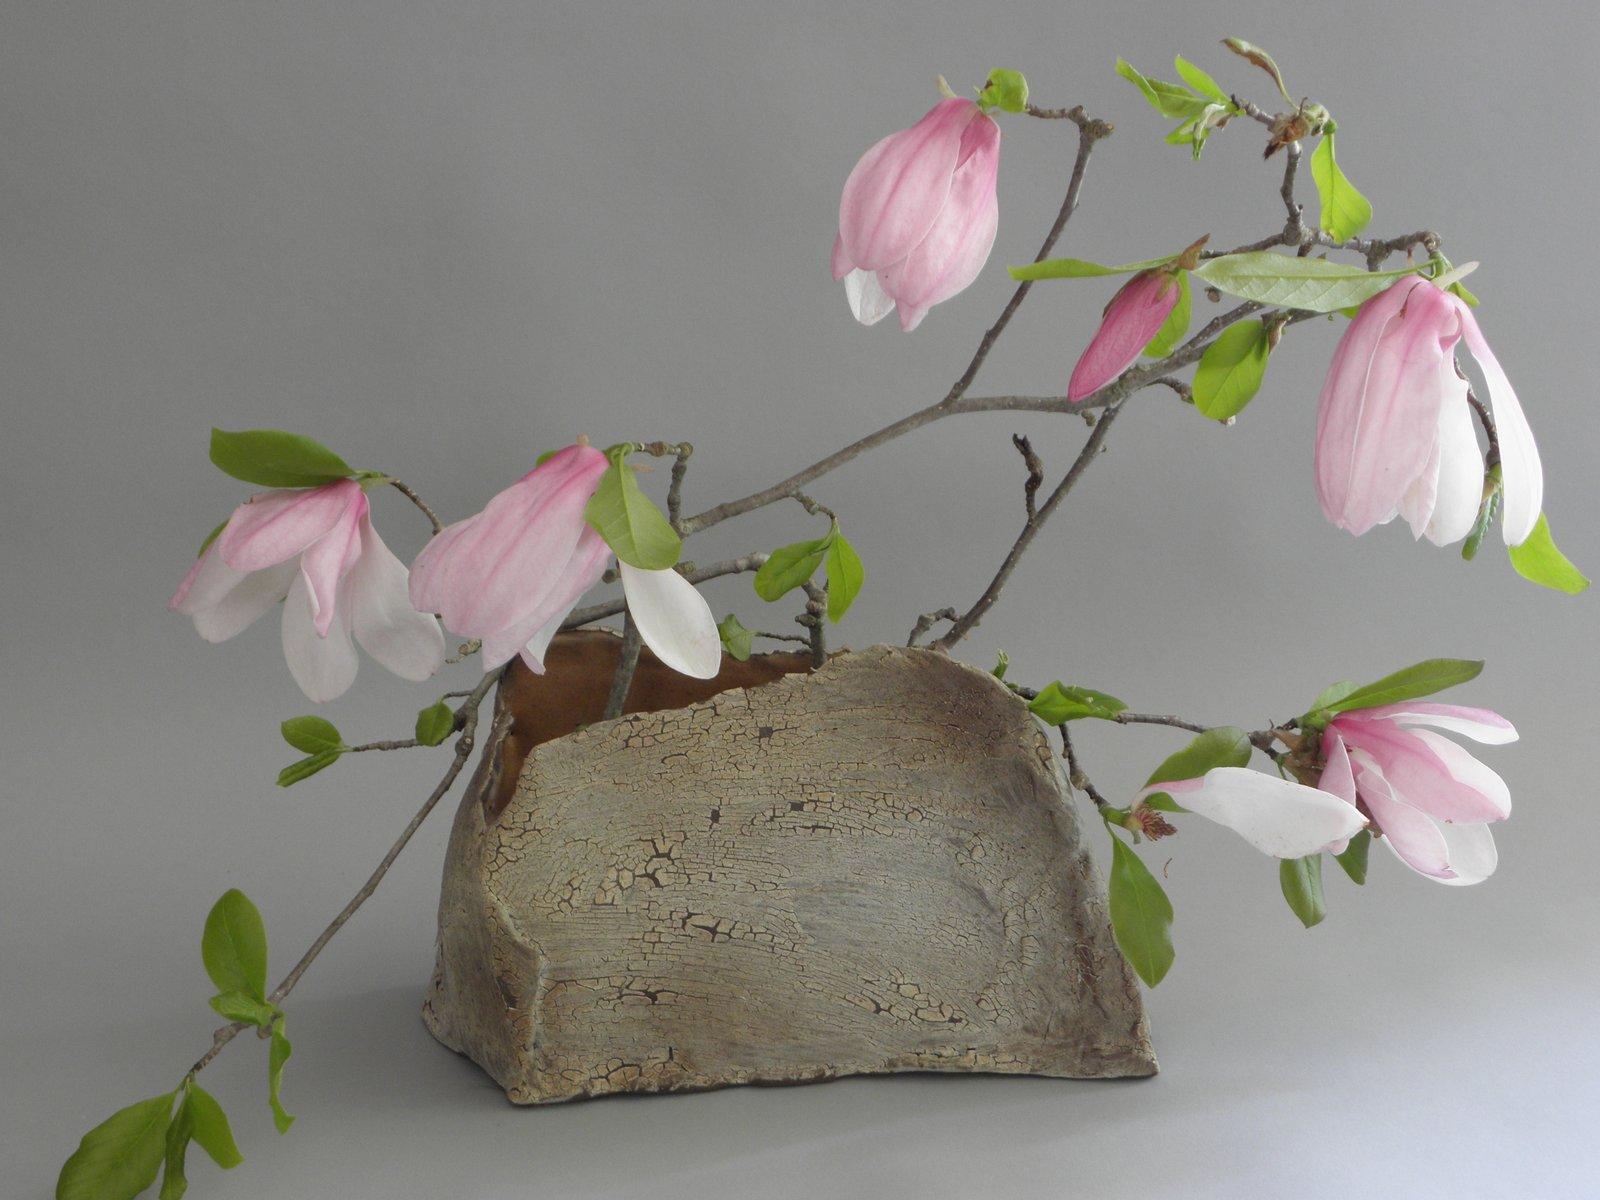 ikebana vase with arrangement